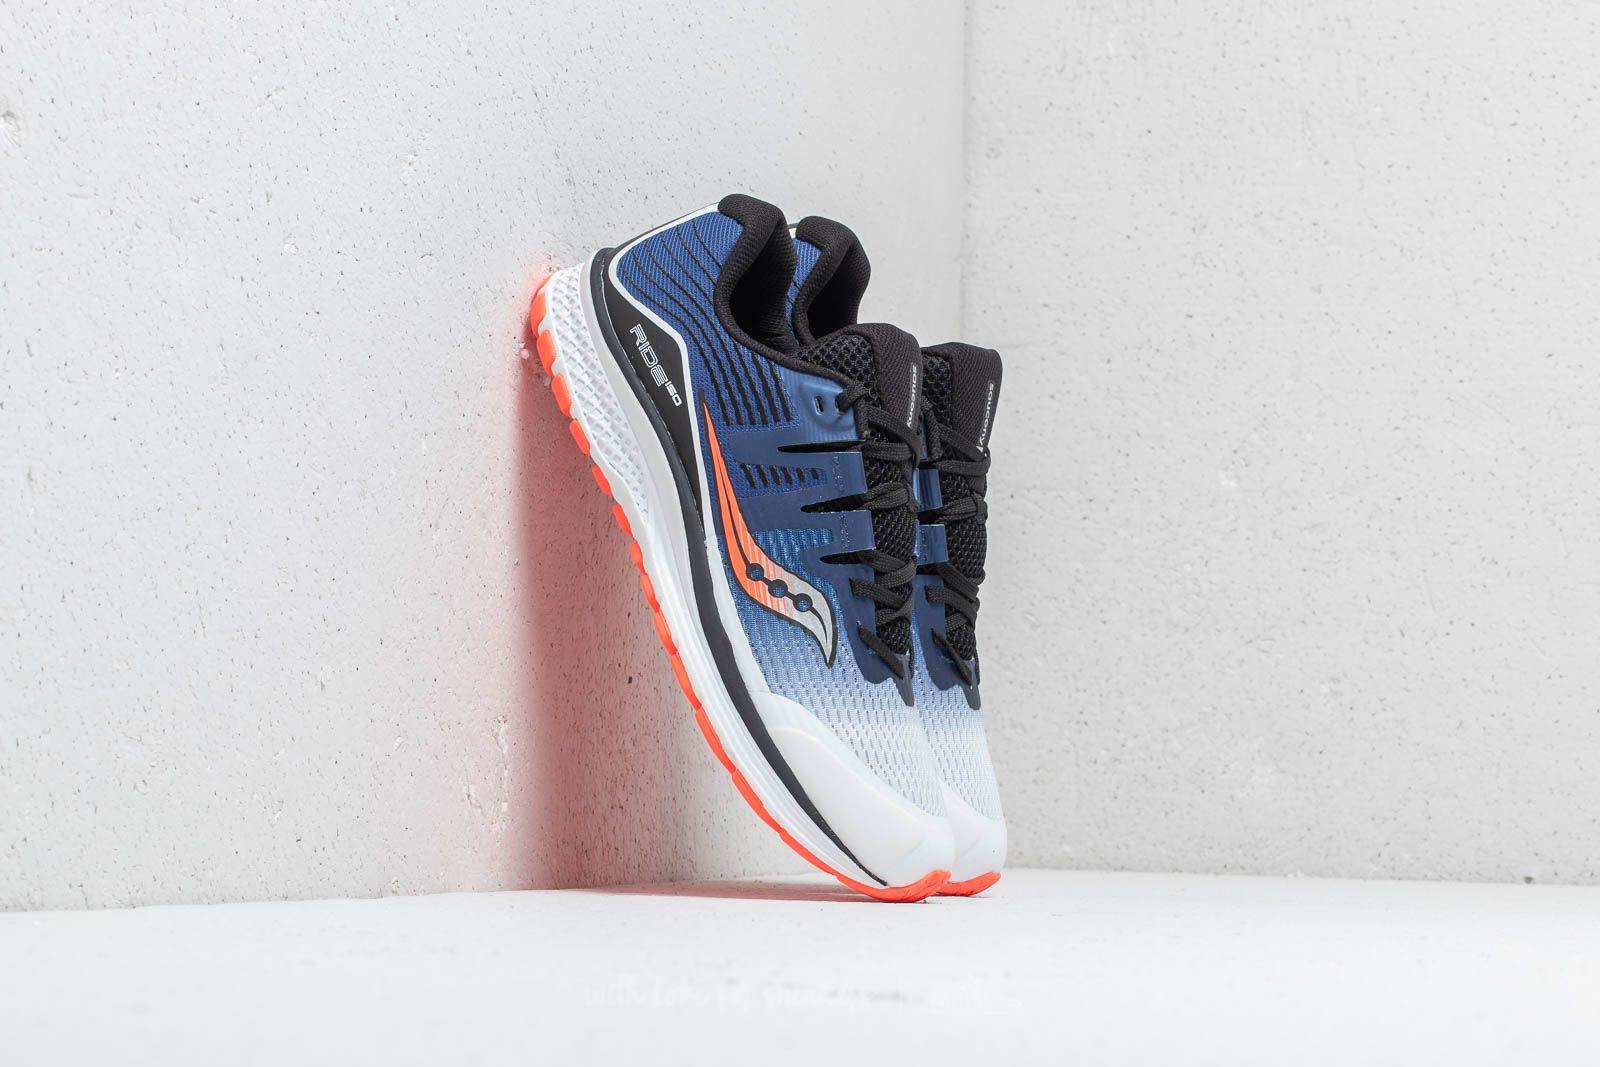 Saucony Ride ISO White/ Blue/ Visible Red za skvělou cenu 1 730 Kč koupíte na Footshop.cz